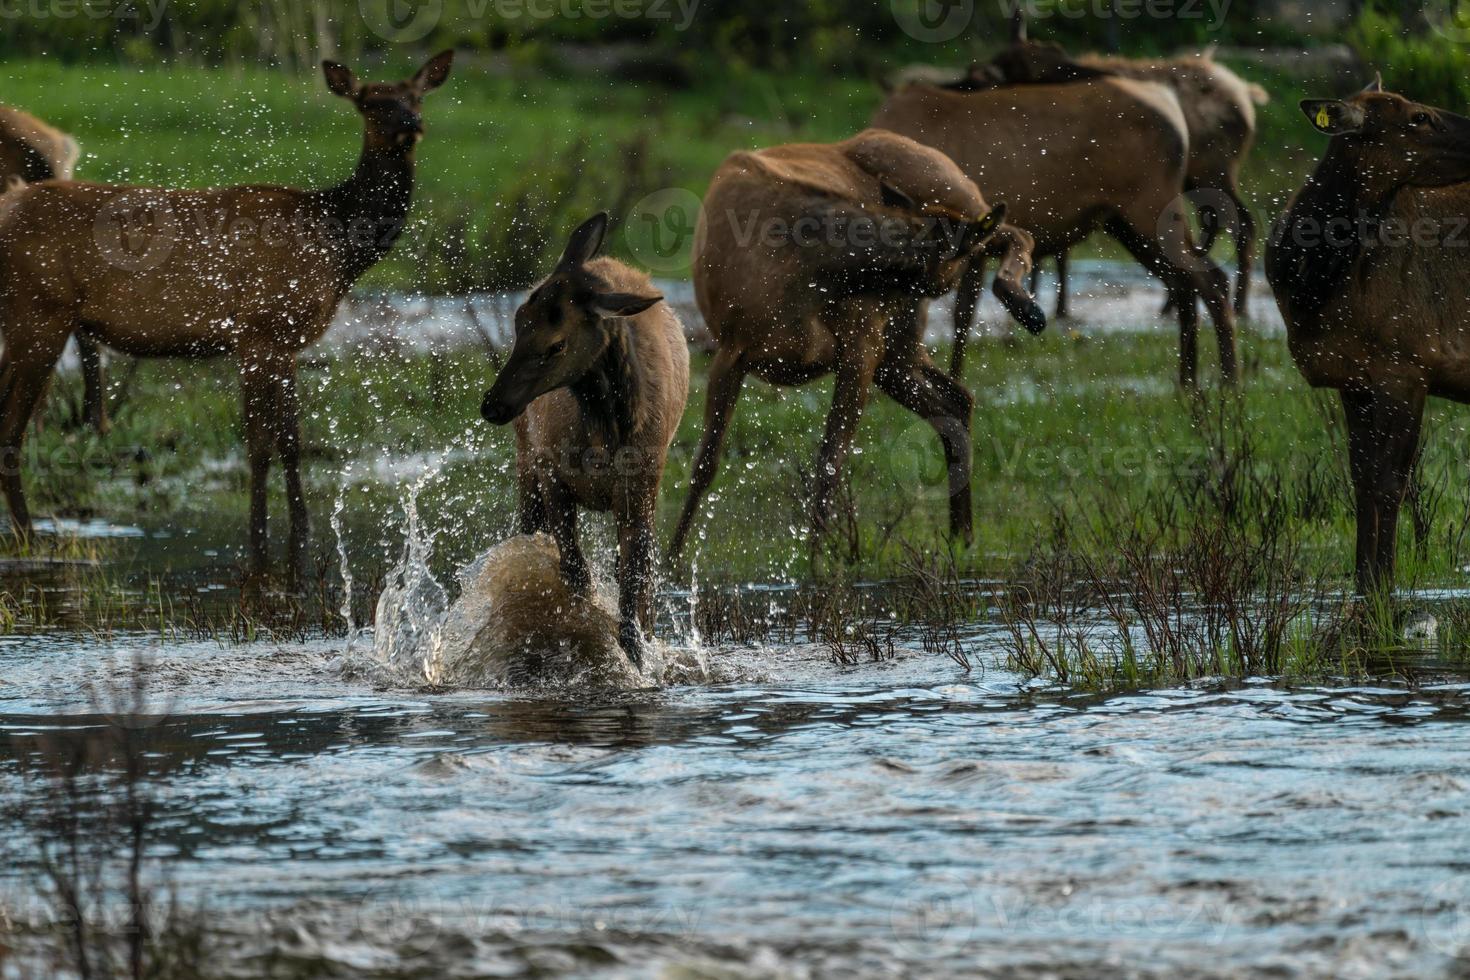 elanden spetteren in de rivier foto